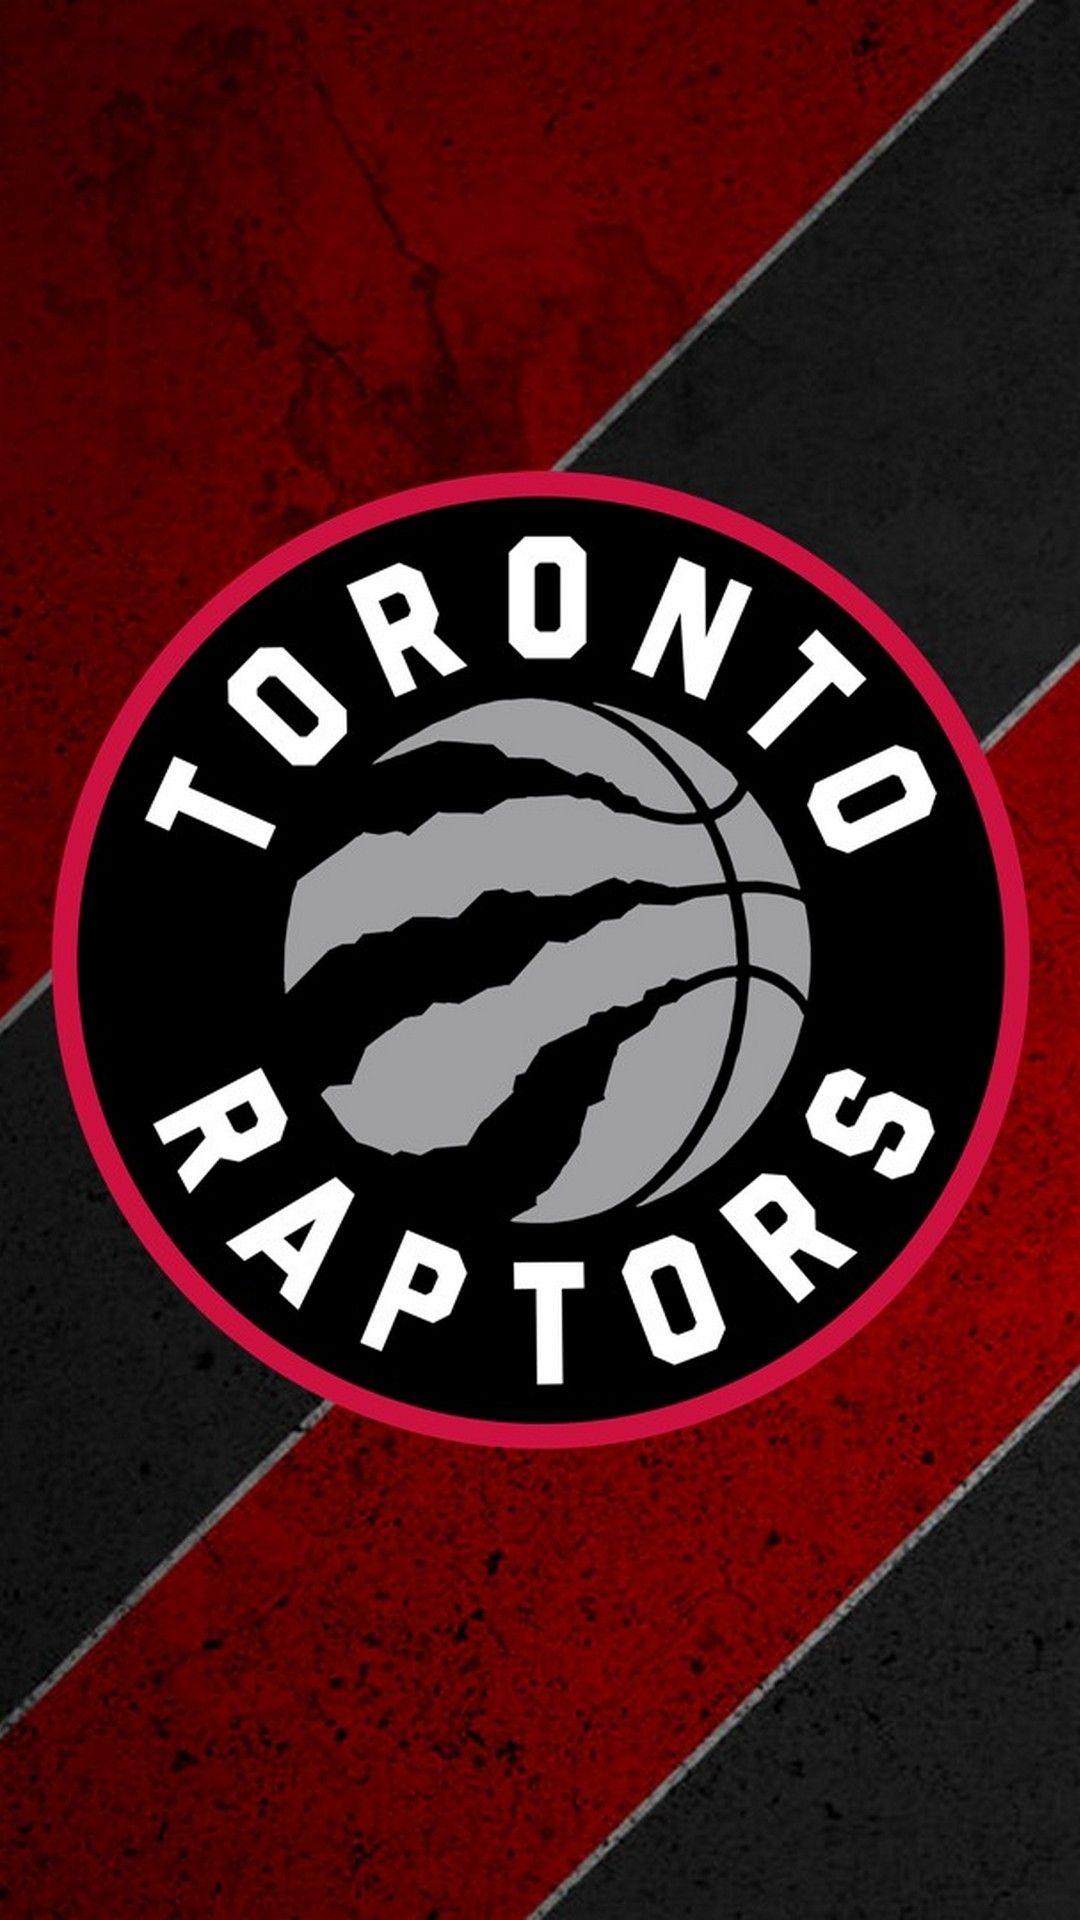 Toronto Raptors Iphone 8 Wallpaper Best Iphone Wallpaper Toronto Raptors Toronto Raptors Basketball Raptors